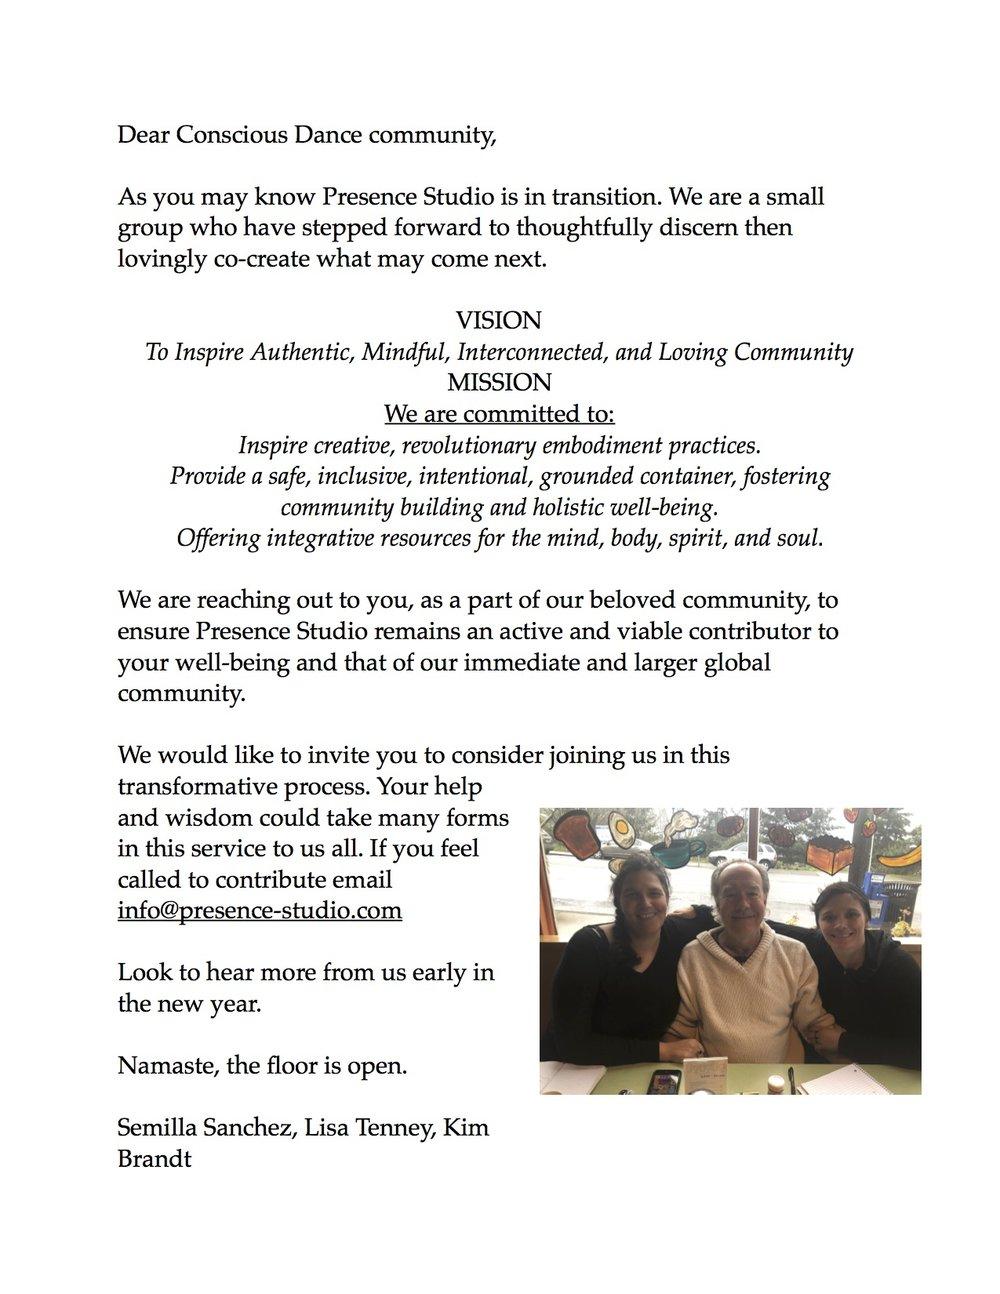 Community Letter 1.jpg